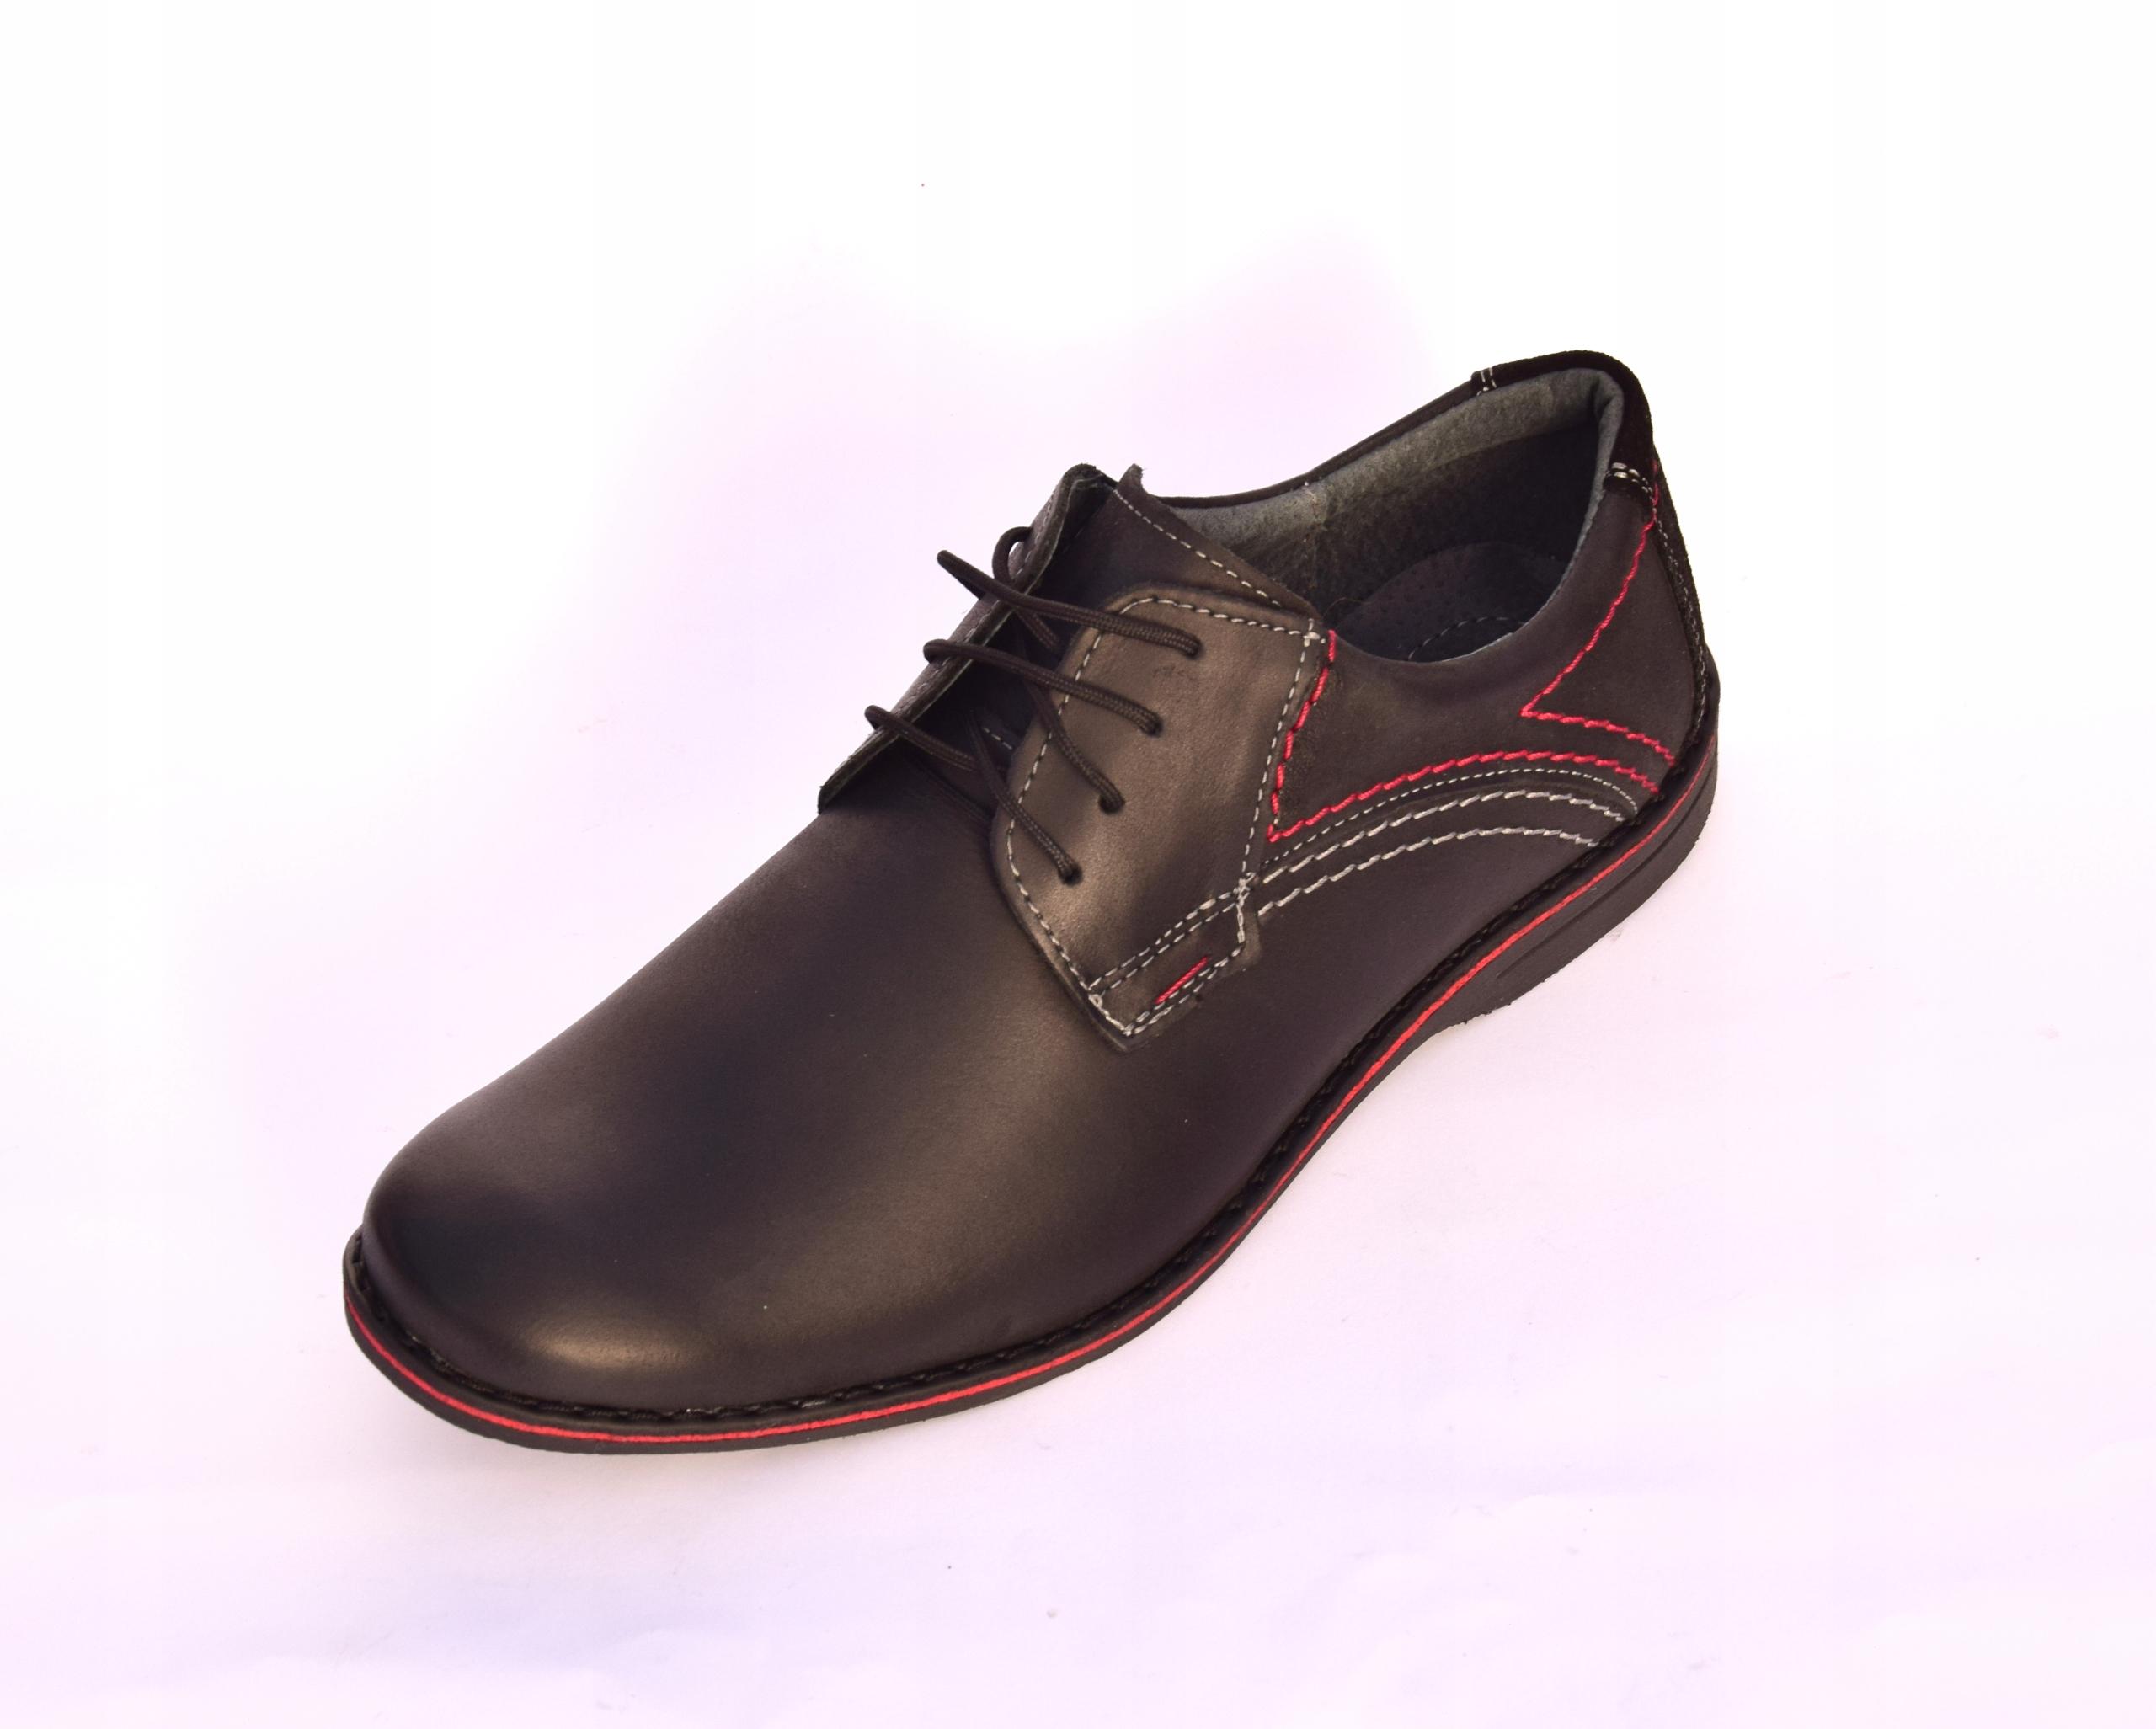 Buty męskie casual obuwie skórzane polskie 242 Kolor czarny